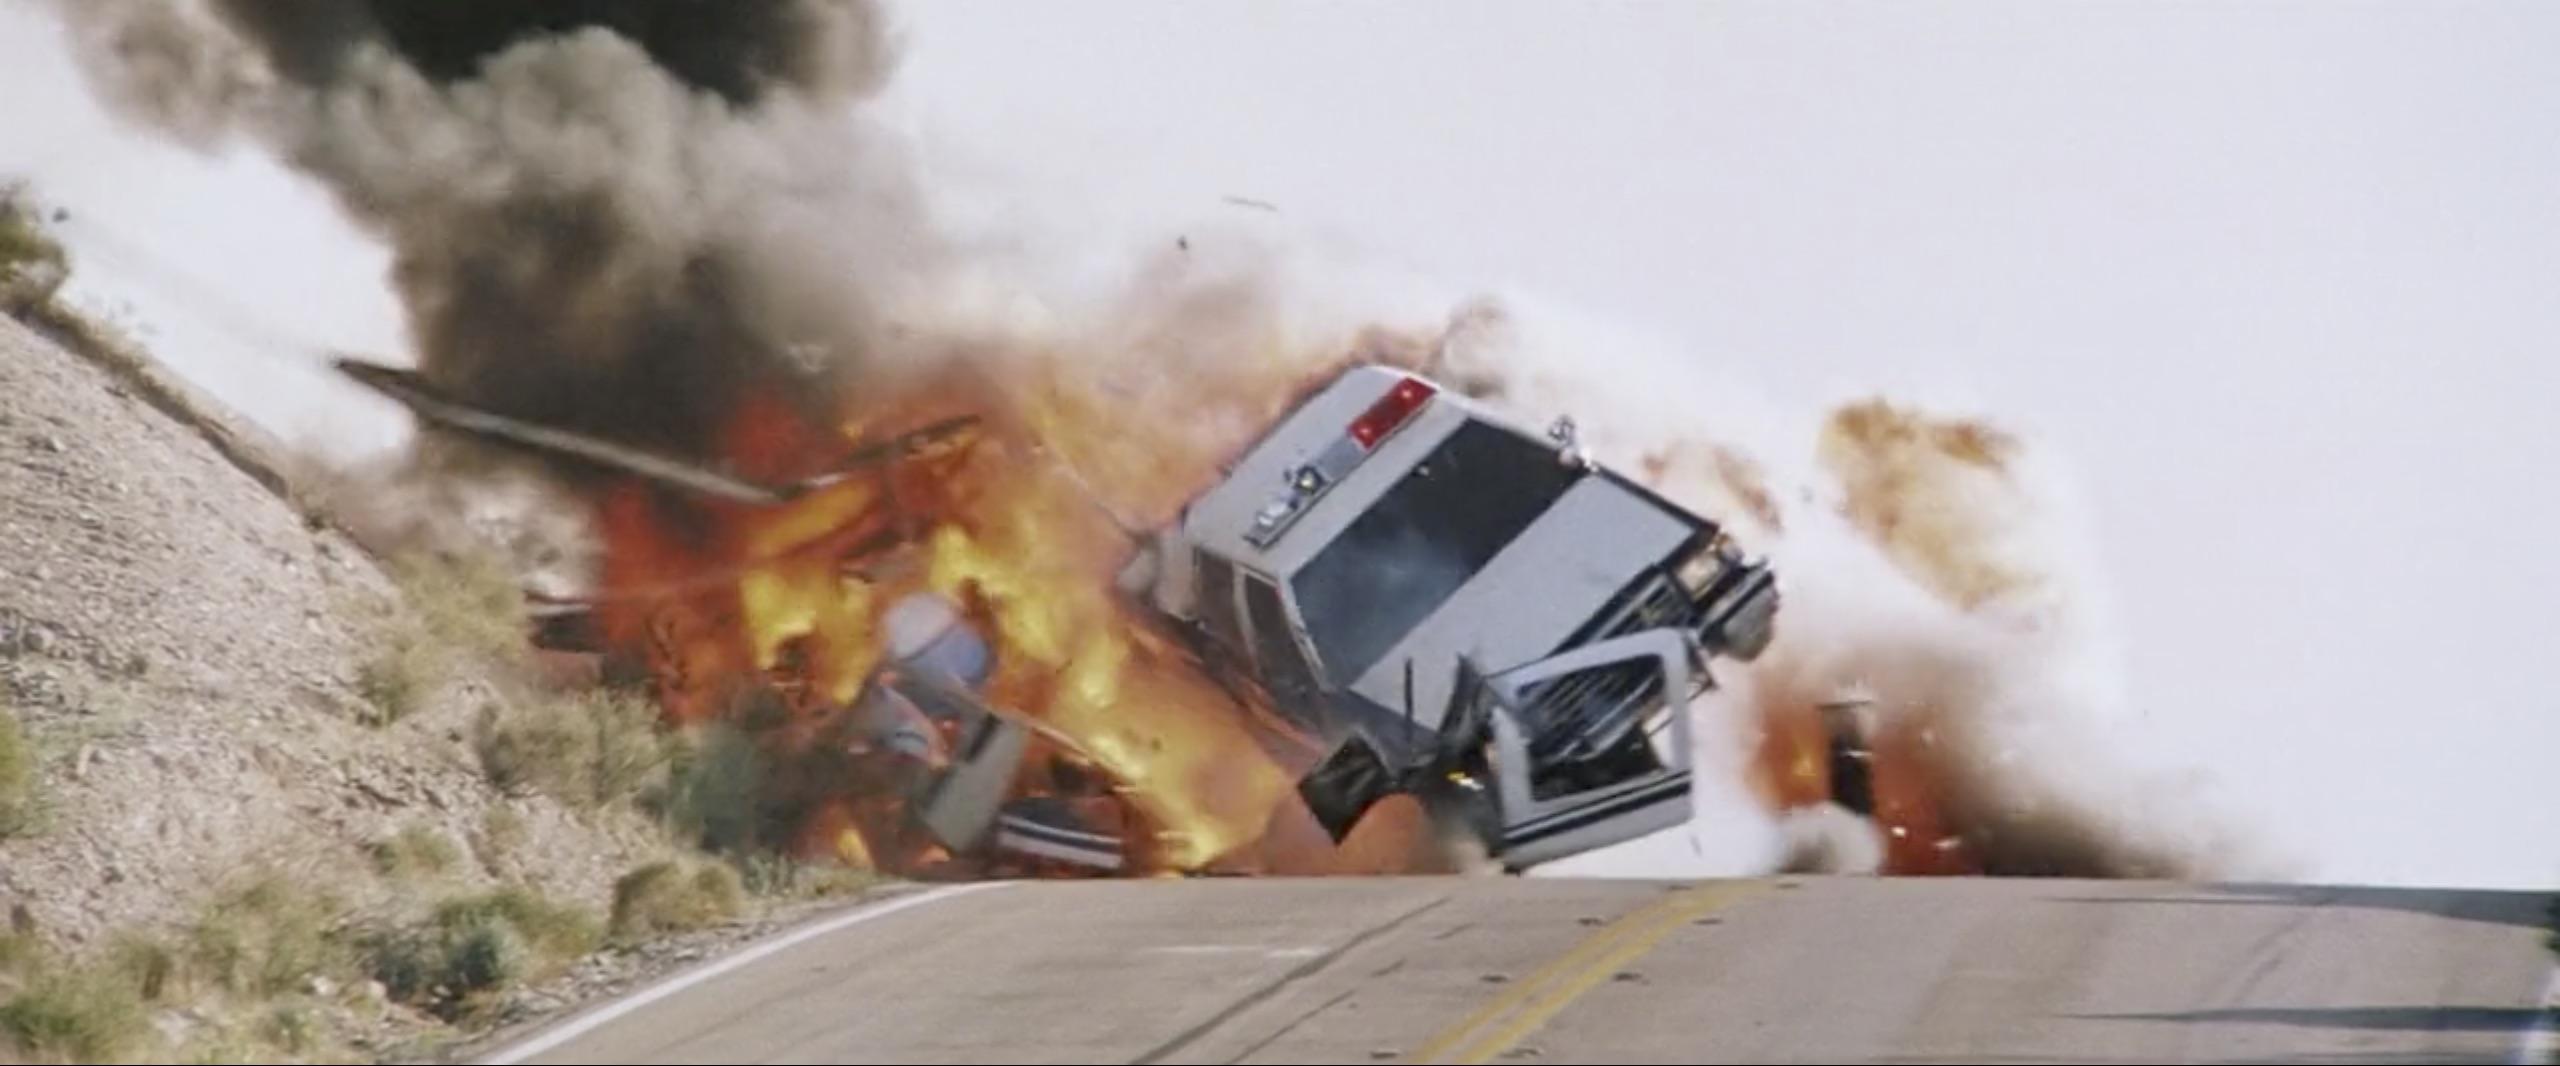 hitcher cop car explosion